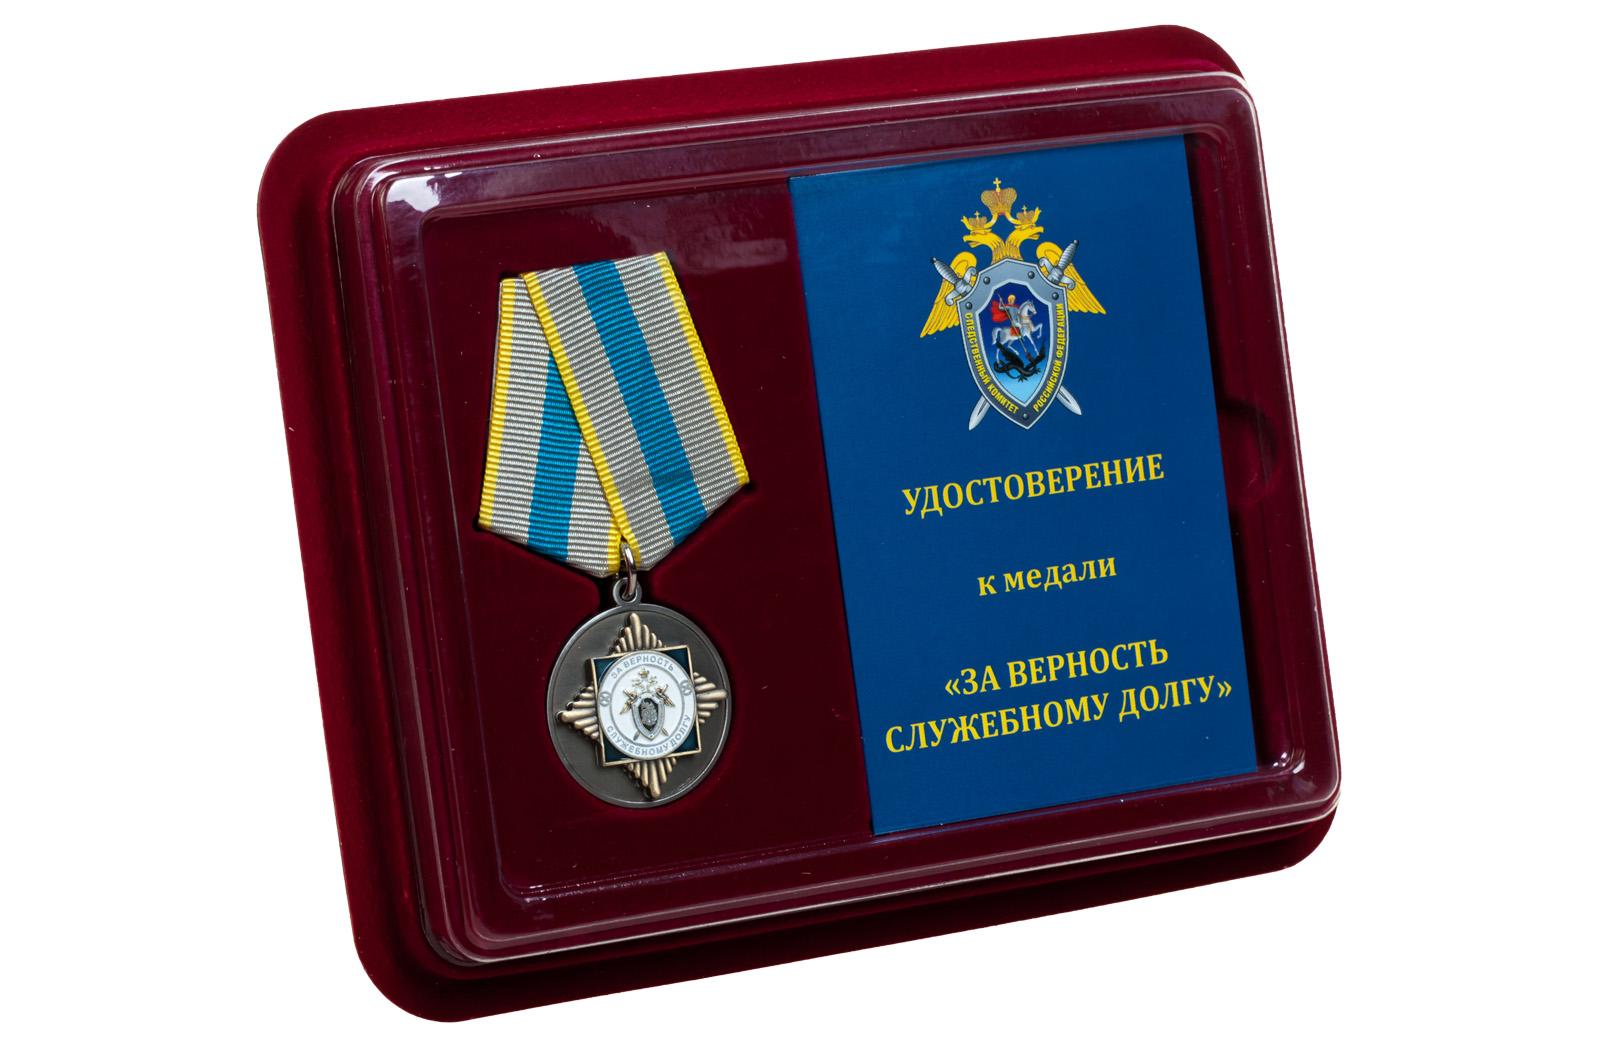 Медаль СК России За верность служебному долгу - в футляре с удостоверением